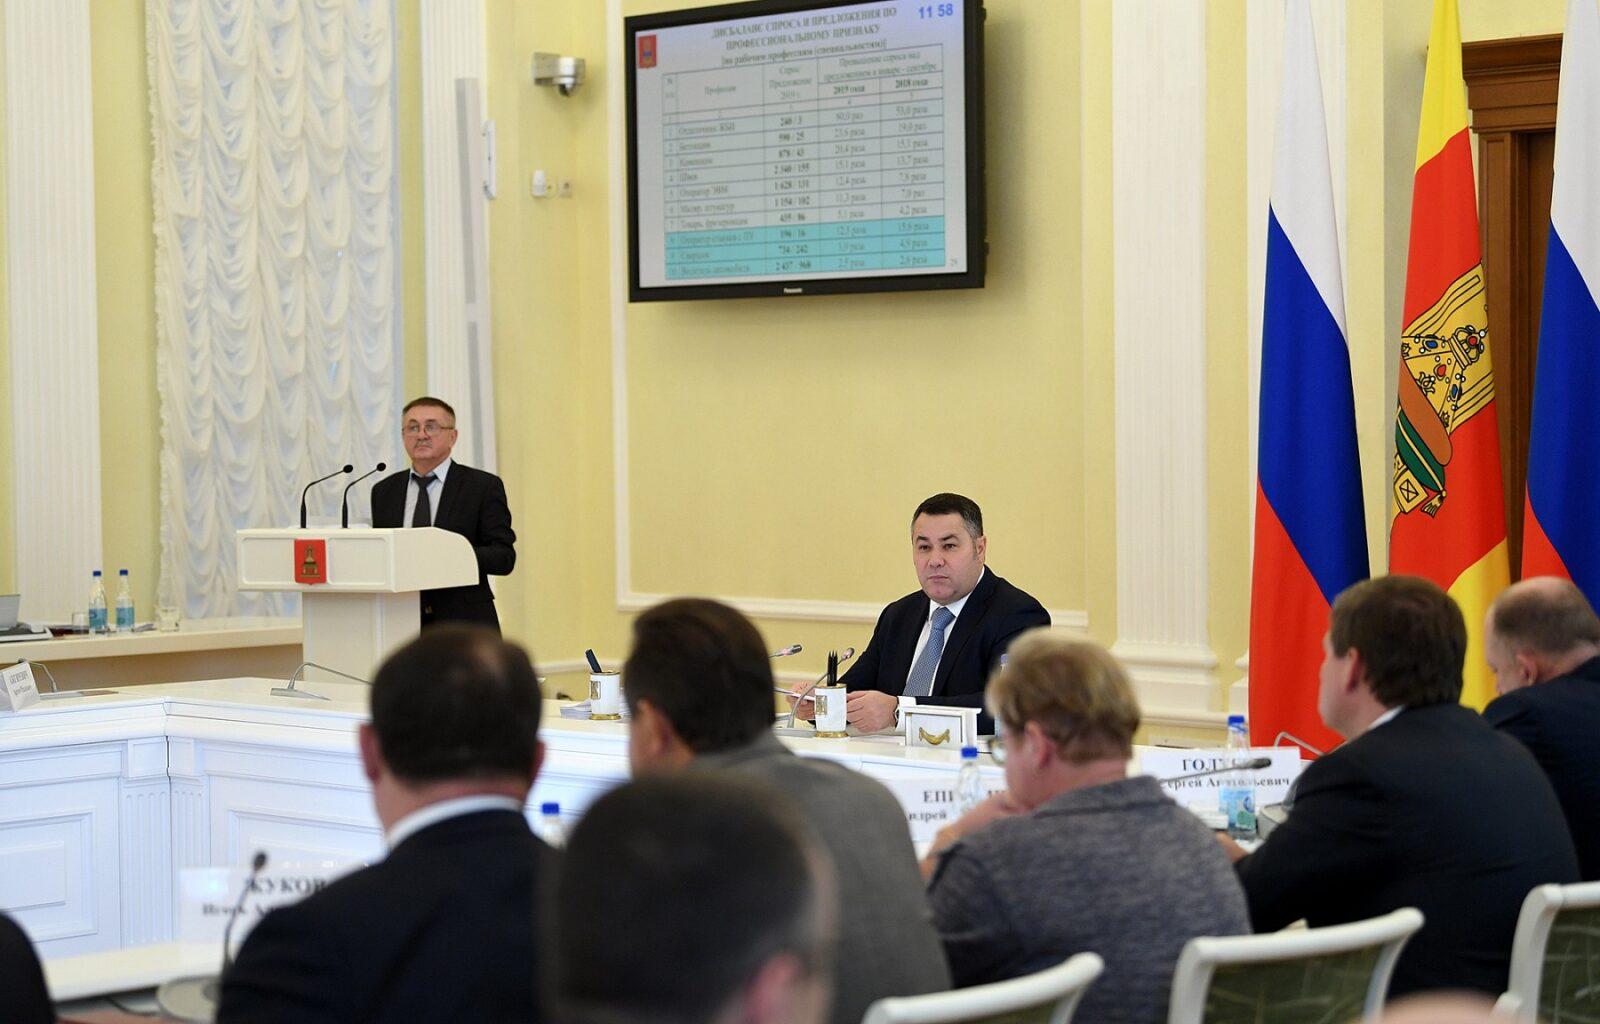 НКО Тверской области получили гранты на реализацию своих инициатив